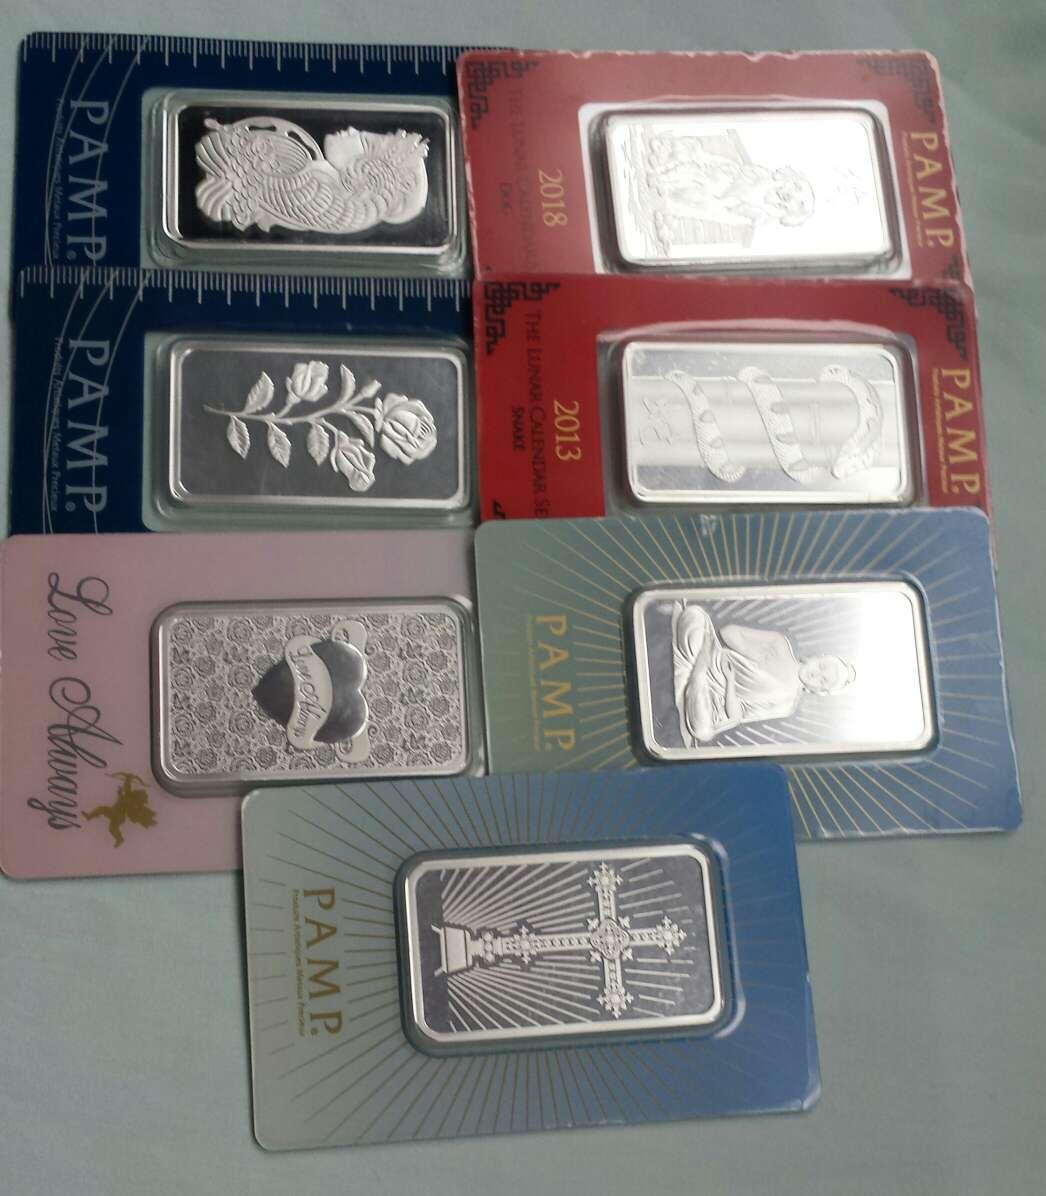 Imagen producto Lingotes de plata pura 999 PAMP SUISSE ( 3 lingotes de 1 onza troy ) 2